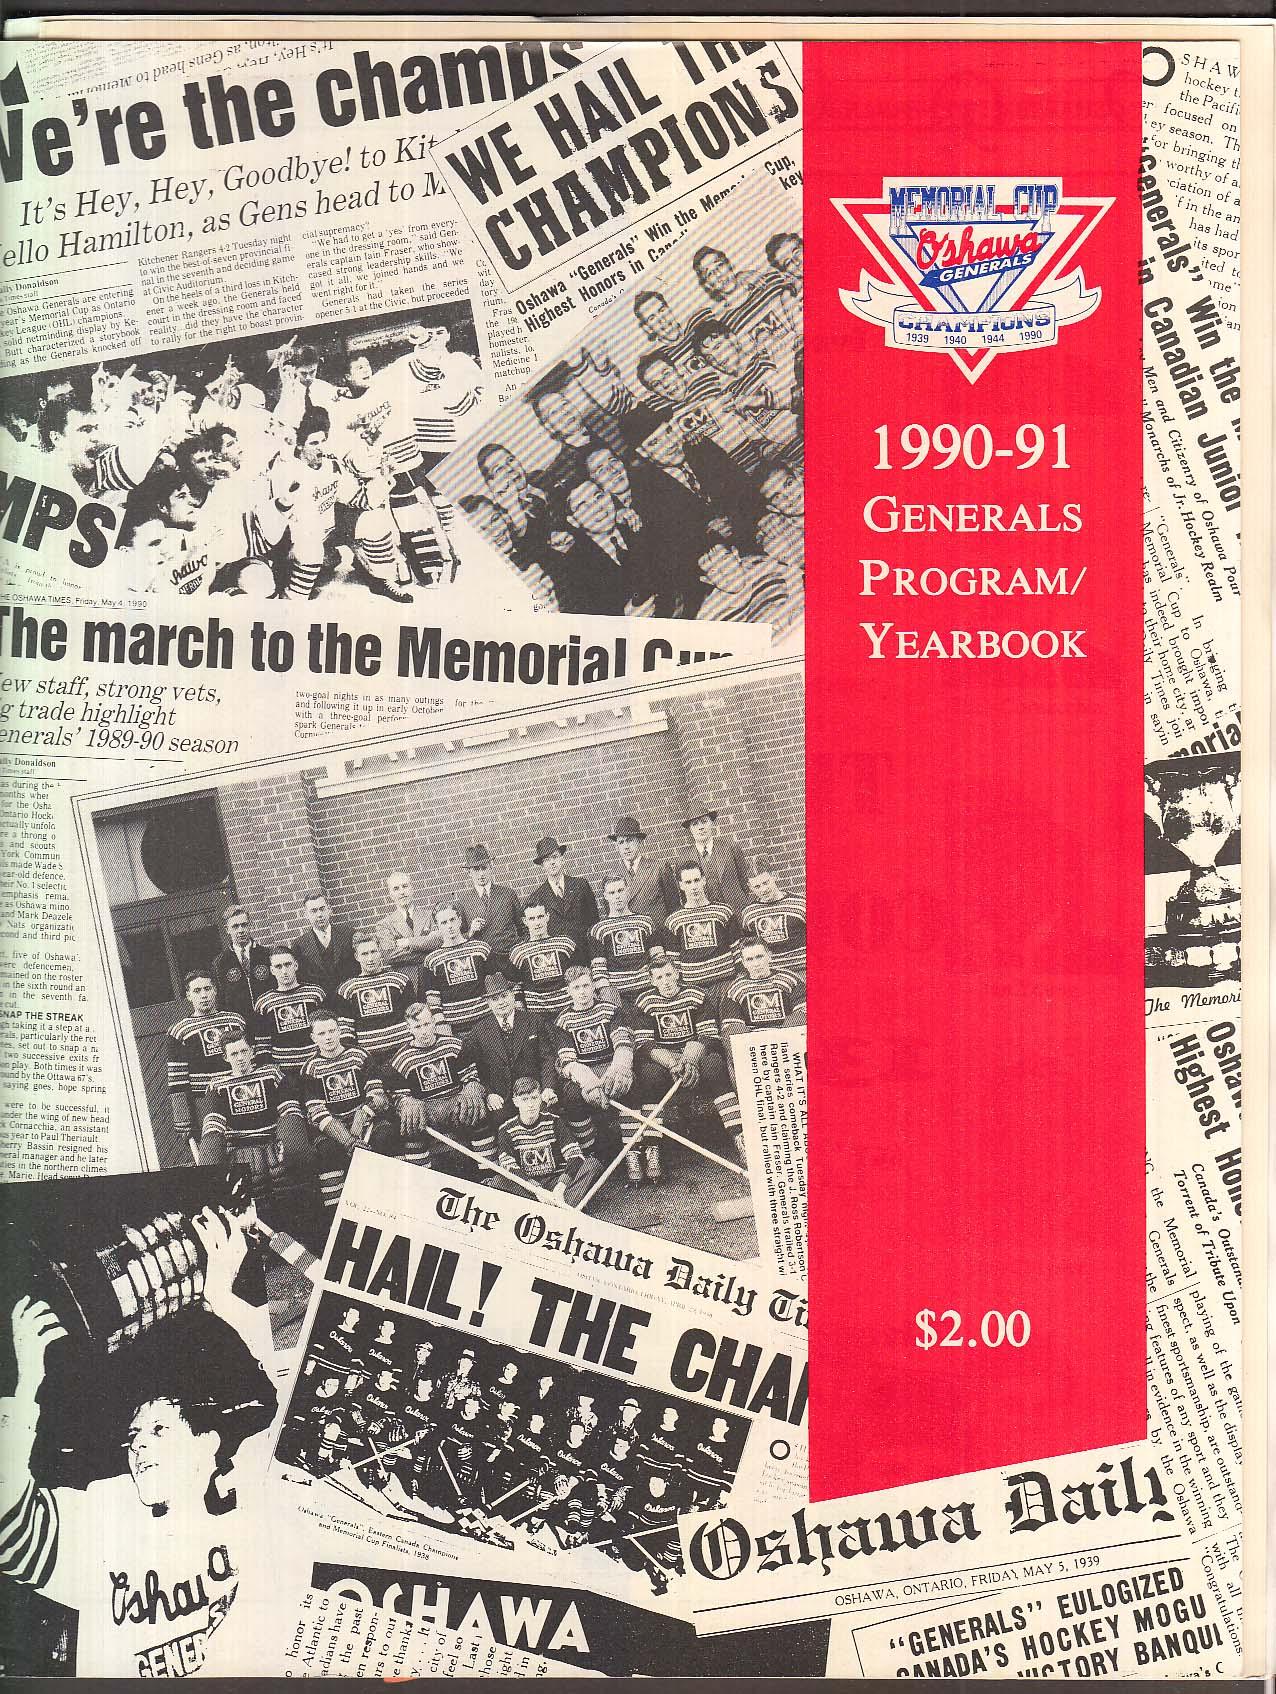 Oshawa Generals 1990-1991 Program/Yearbook